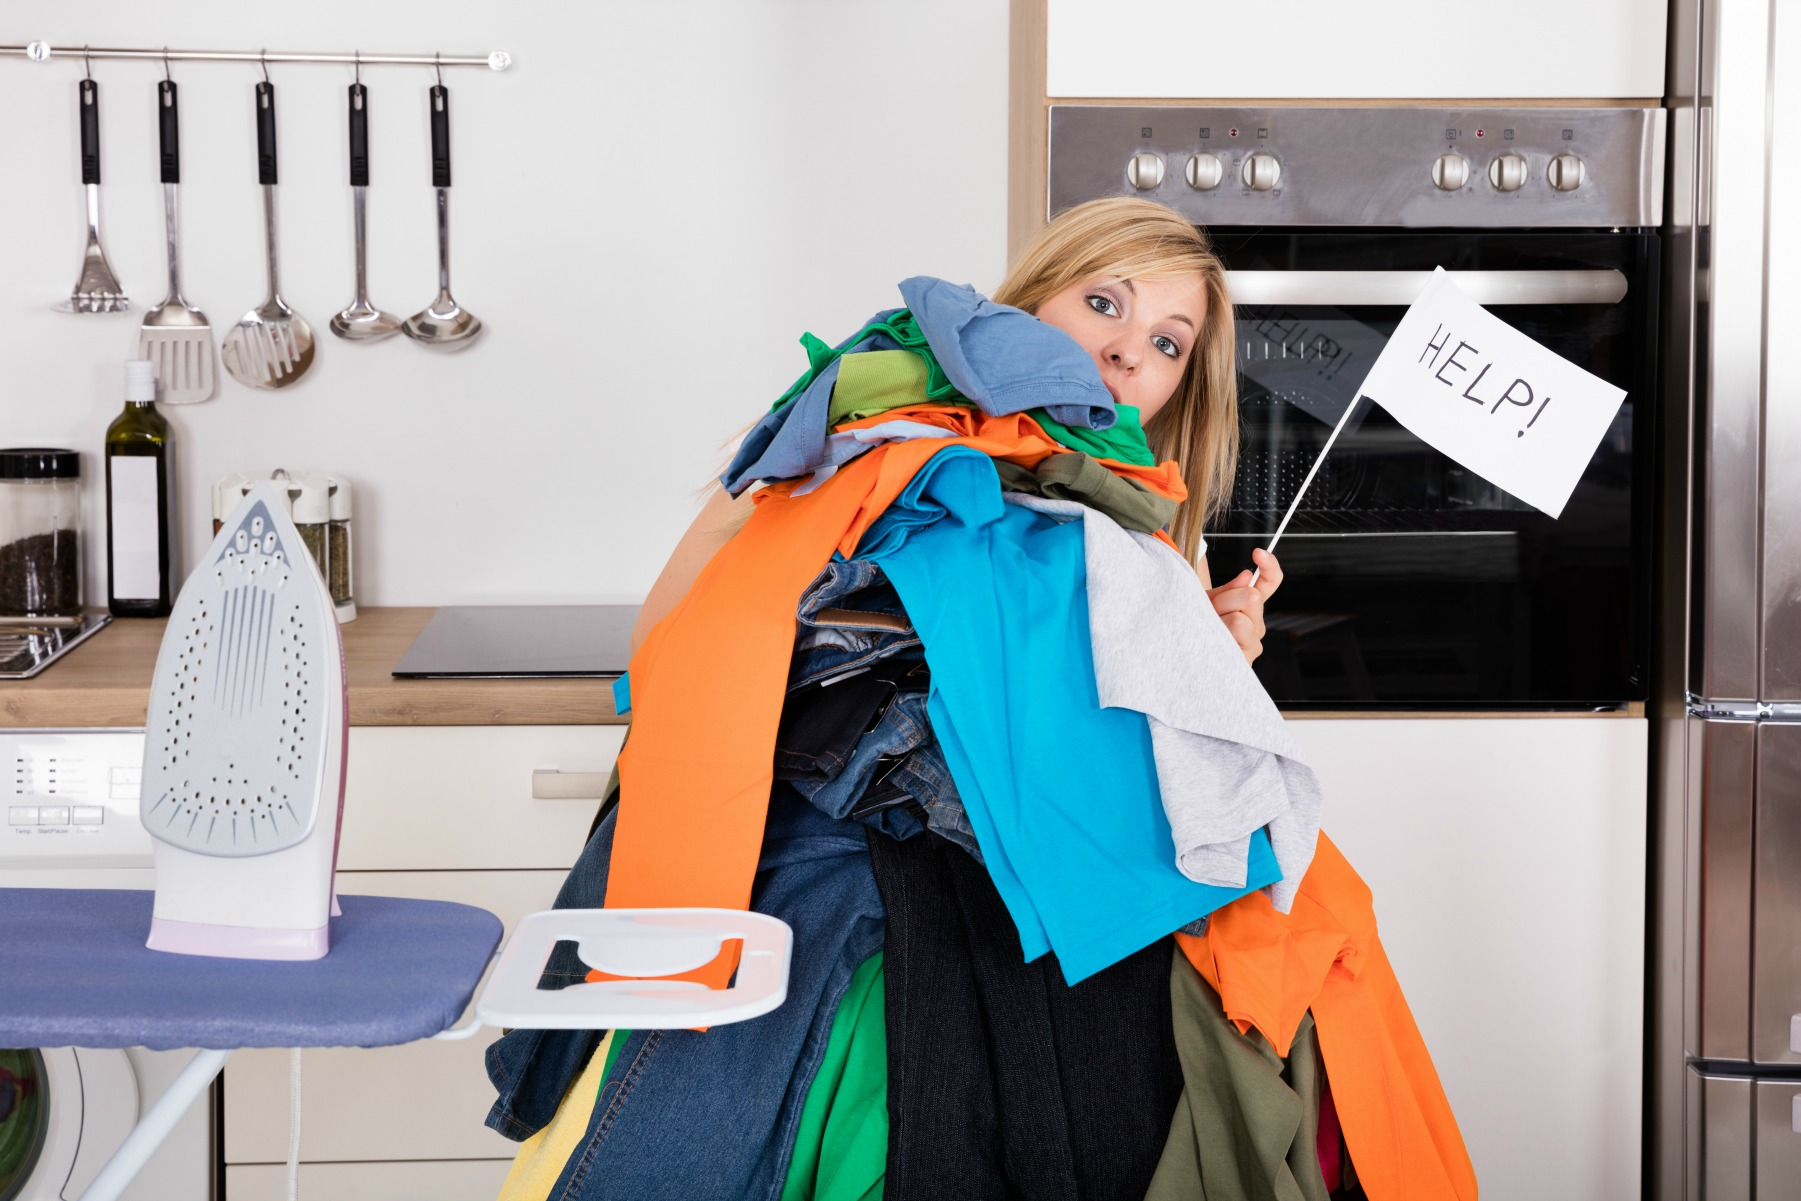 rengørring, rod, vasketøj, husholdning, pligter, kæreste, flytning, flytte sammen